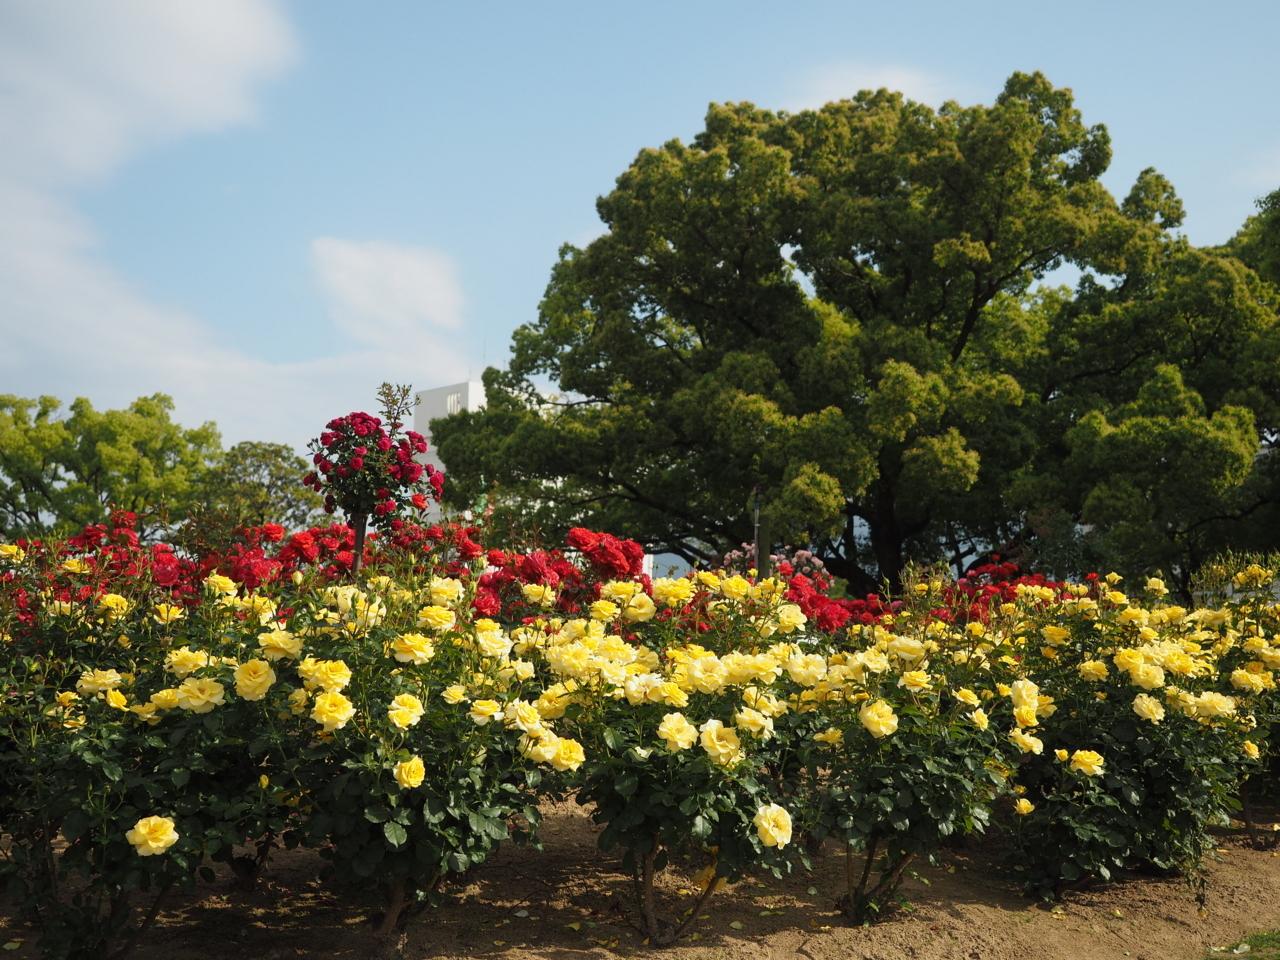 福山市花園町のばら公園